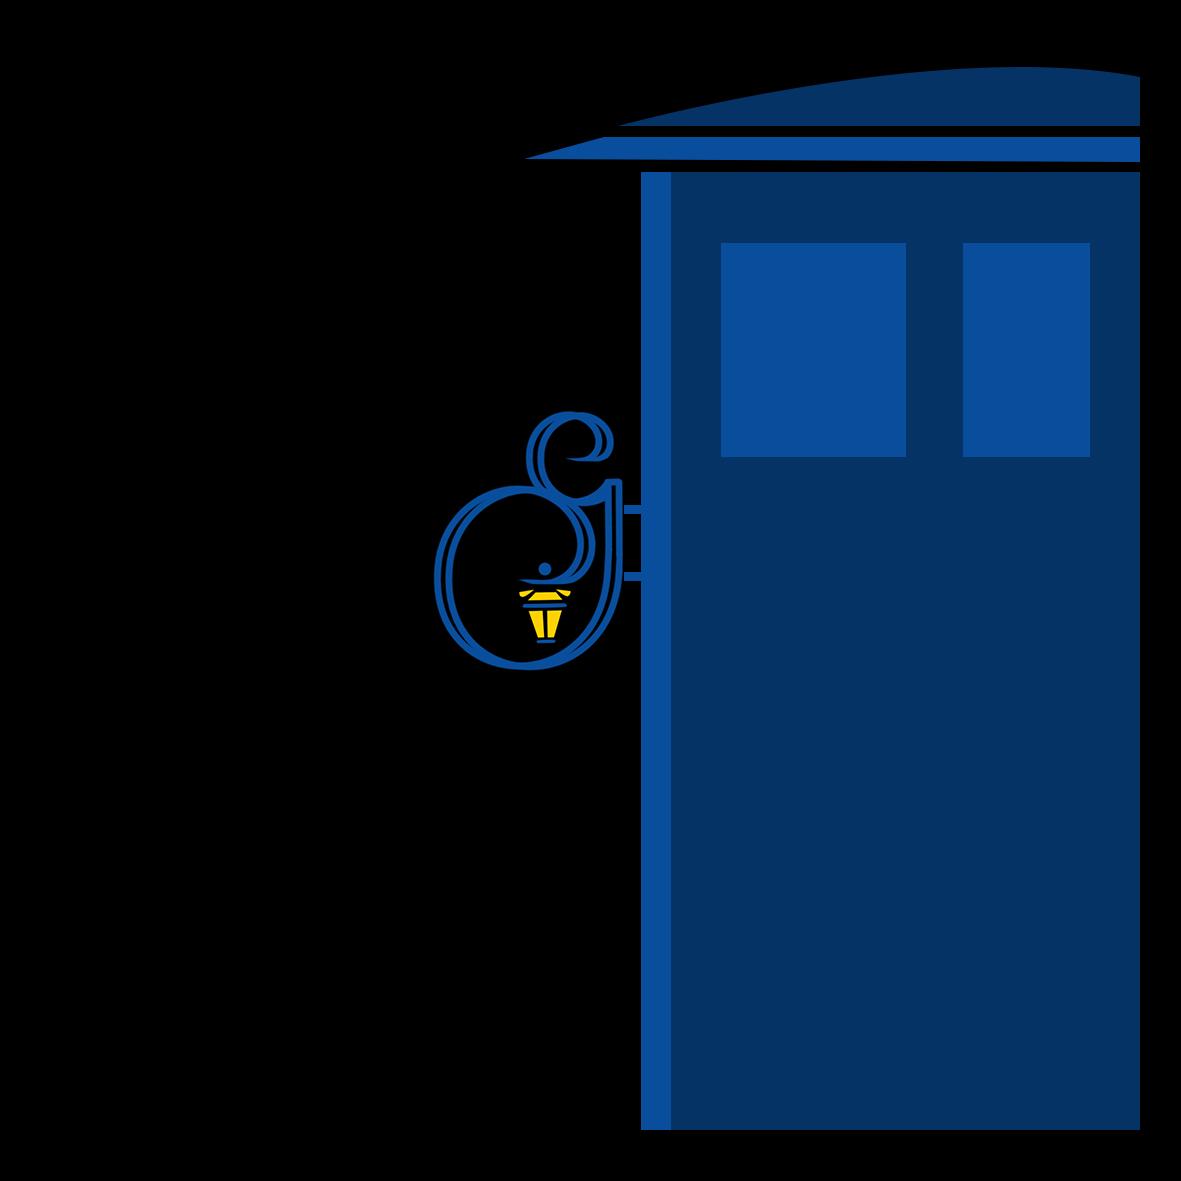 Необходим логотип для сети хостелов фото f_92551a7e6e0a3e0e.jpg